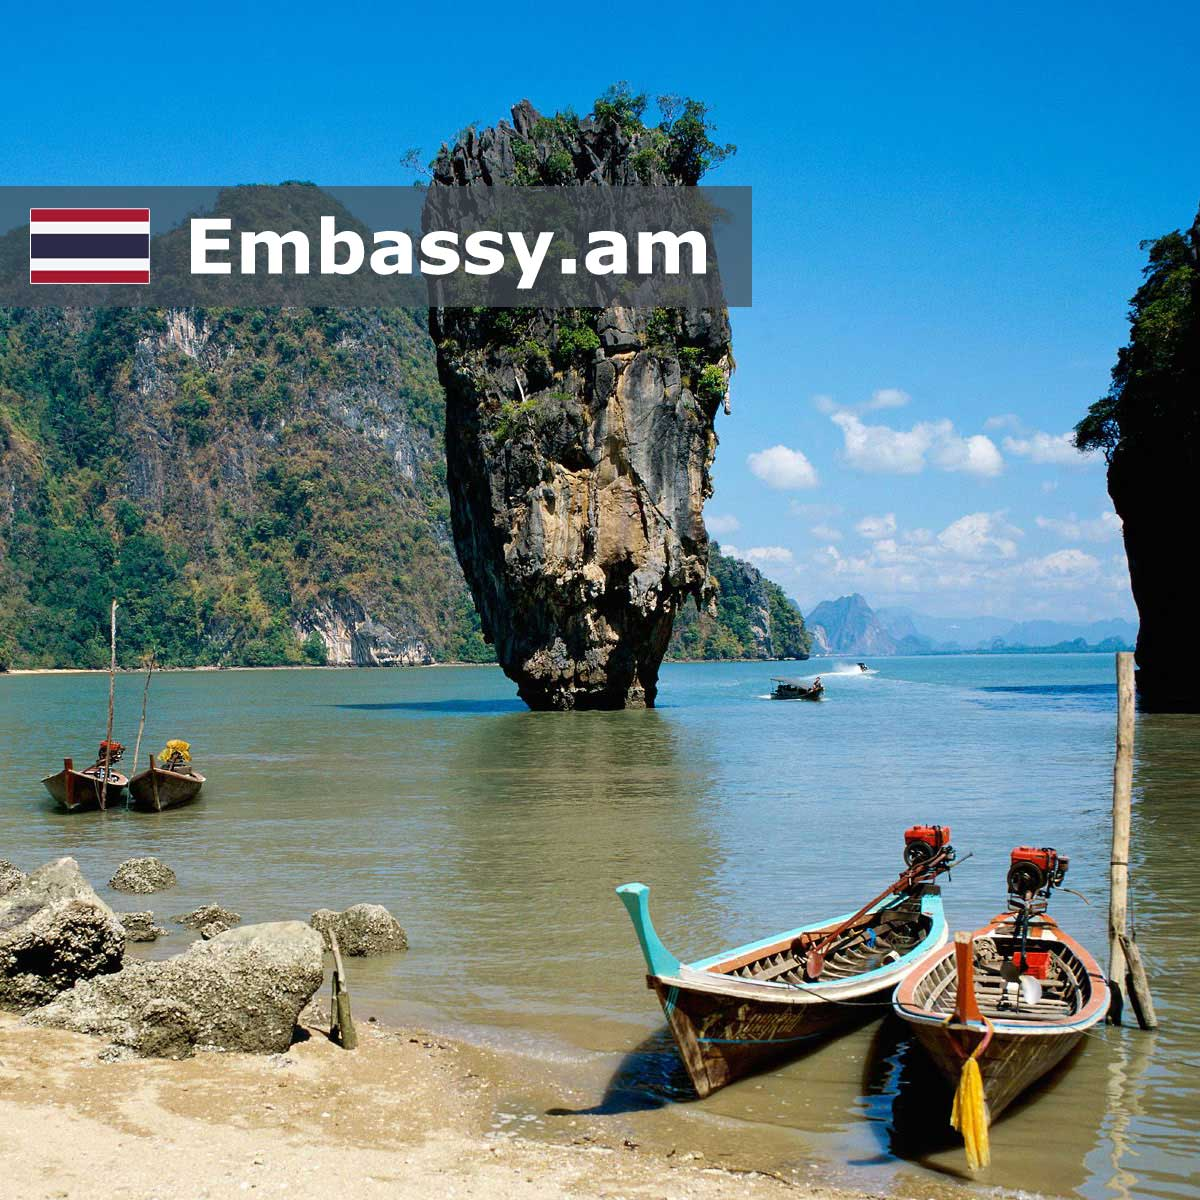 Пхукет - Отели в Таиланде - Embassy.am